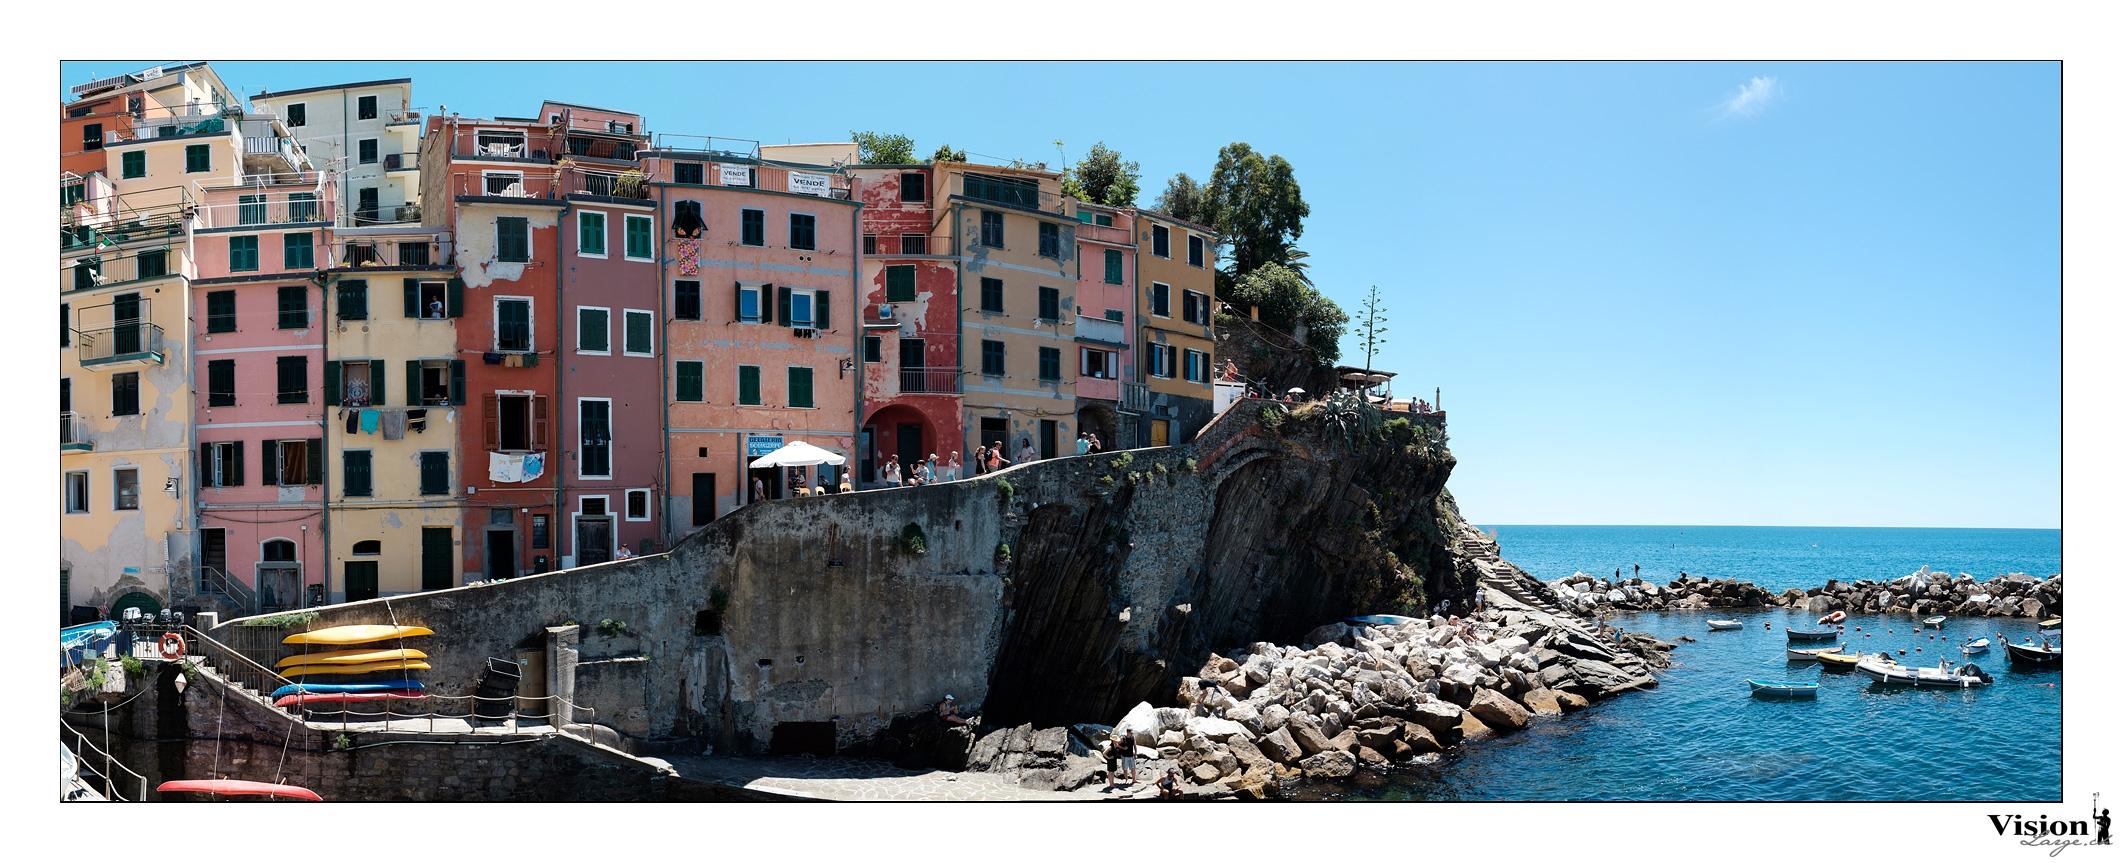 Ligurie, Italie, Riomaggiore, 5 terres